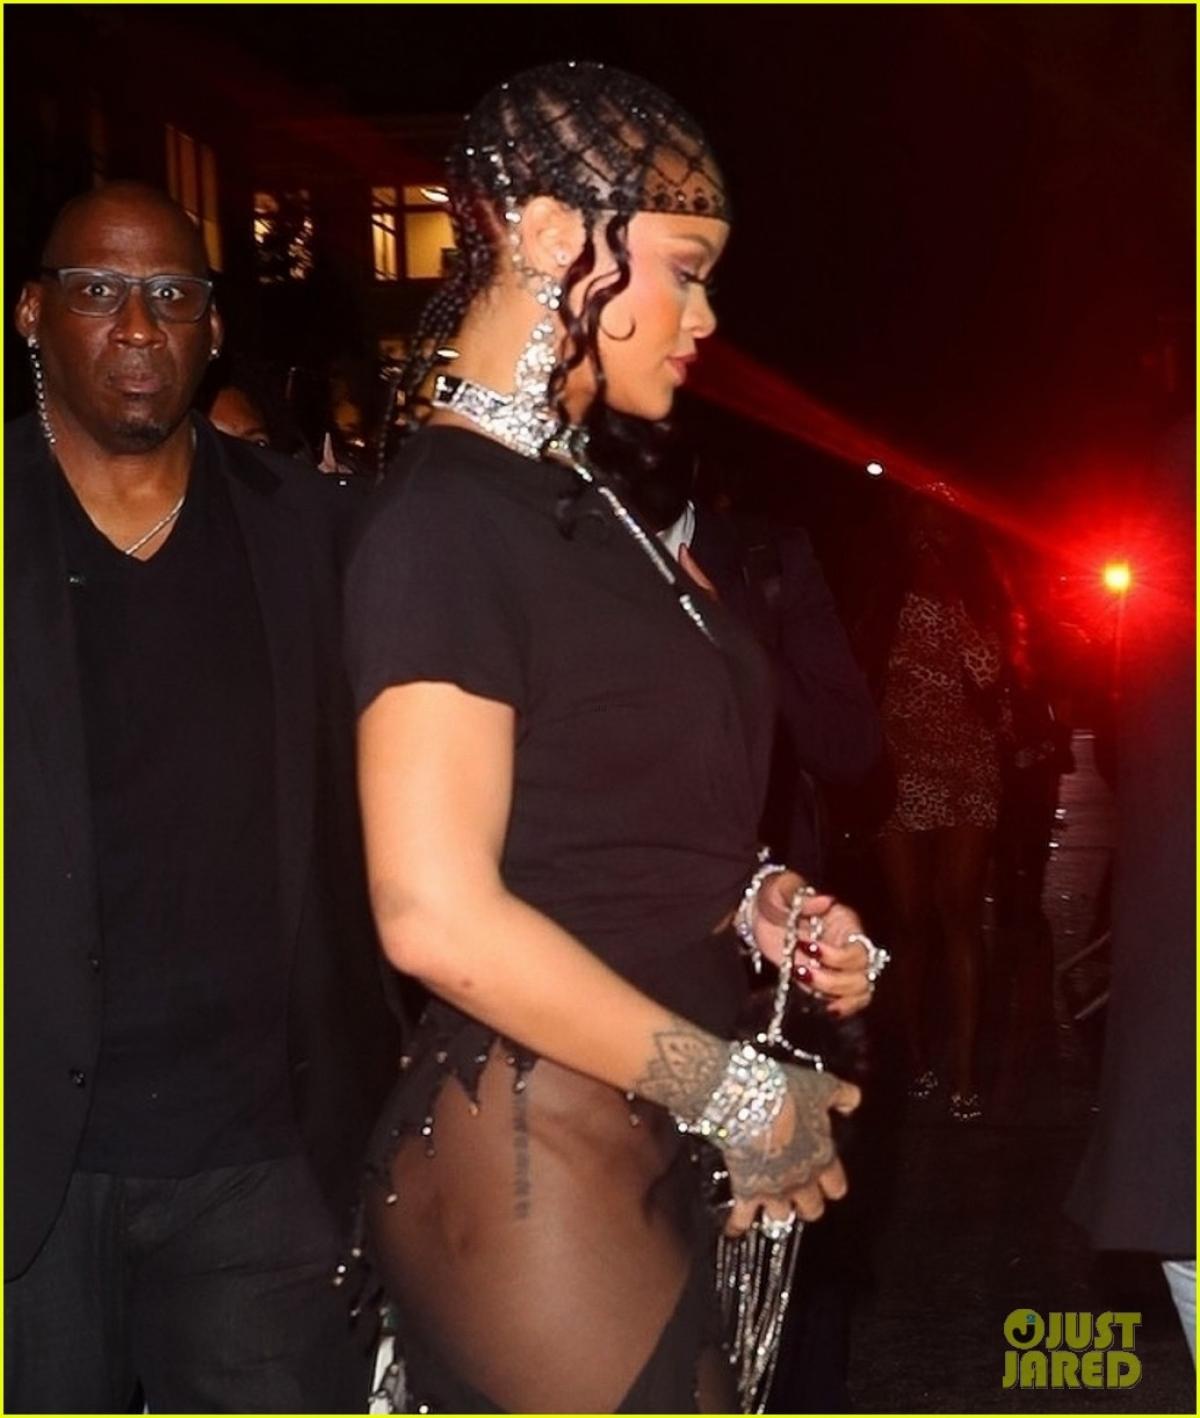 Trước đó, trang Forbes đã đưa ra danh sách top những người giàu có nhất thế giới tính đến 2021. Trong đó, Rihanna được xướng tên là nghệ sĩ giải trí giàu thứ 2 thế giới (sau Oprah Winfrey) và là ca sĩ giàu nhất thế giới.